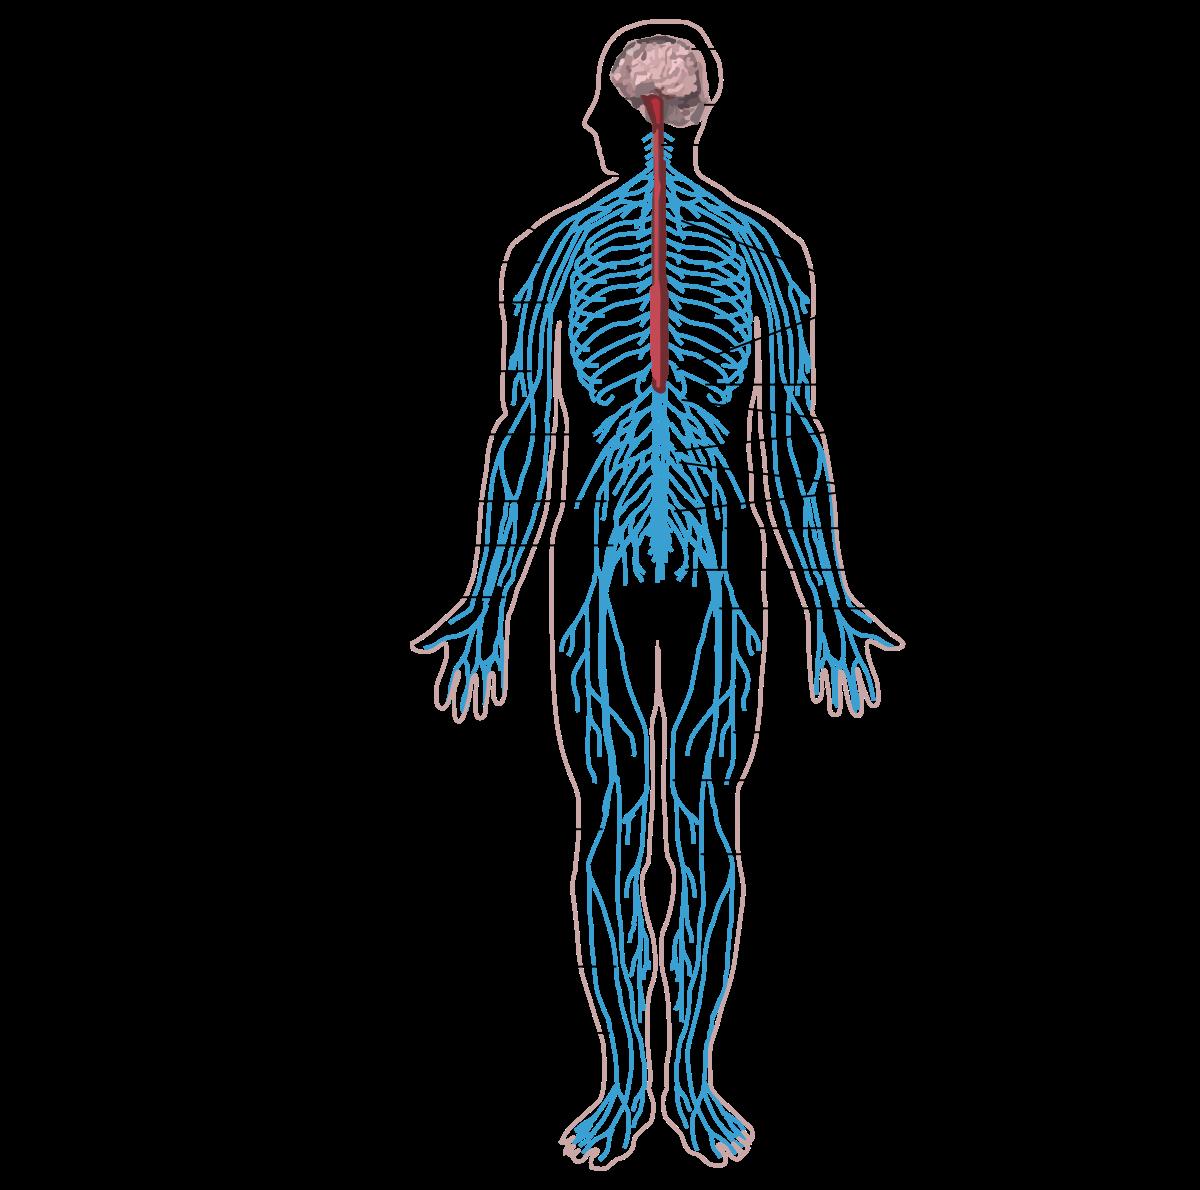 hogyan lehet kilábalni az emberi test parazitáiból